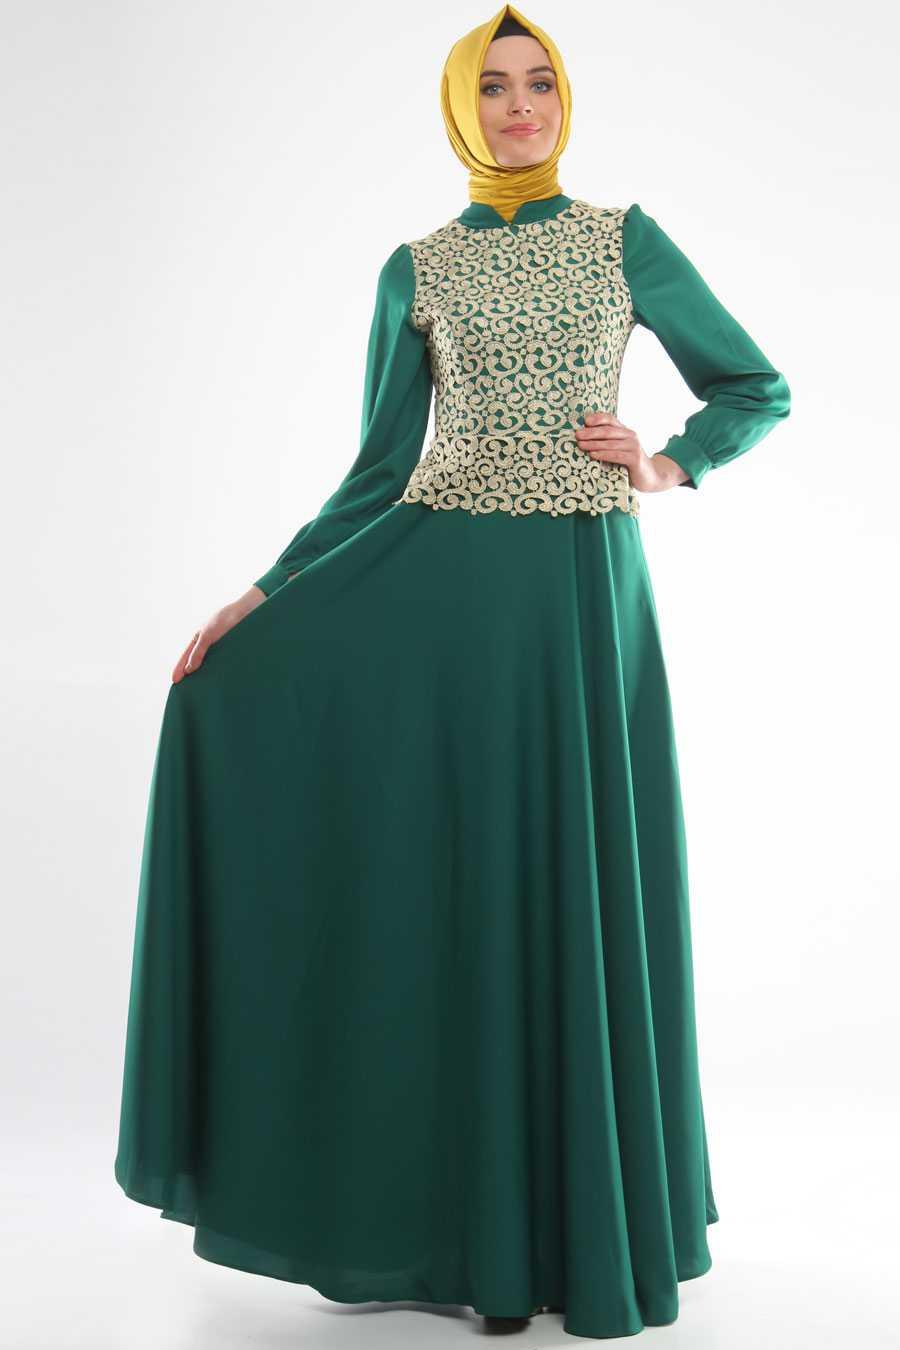 cde3ca4f4c558 Rüyada Elbise Görmek - Rüya Tabirleri